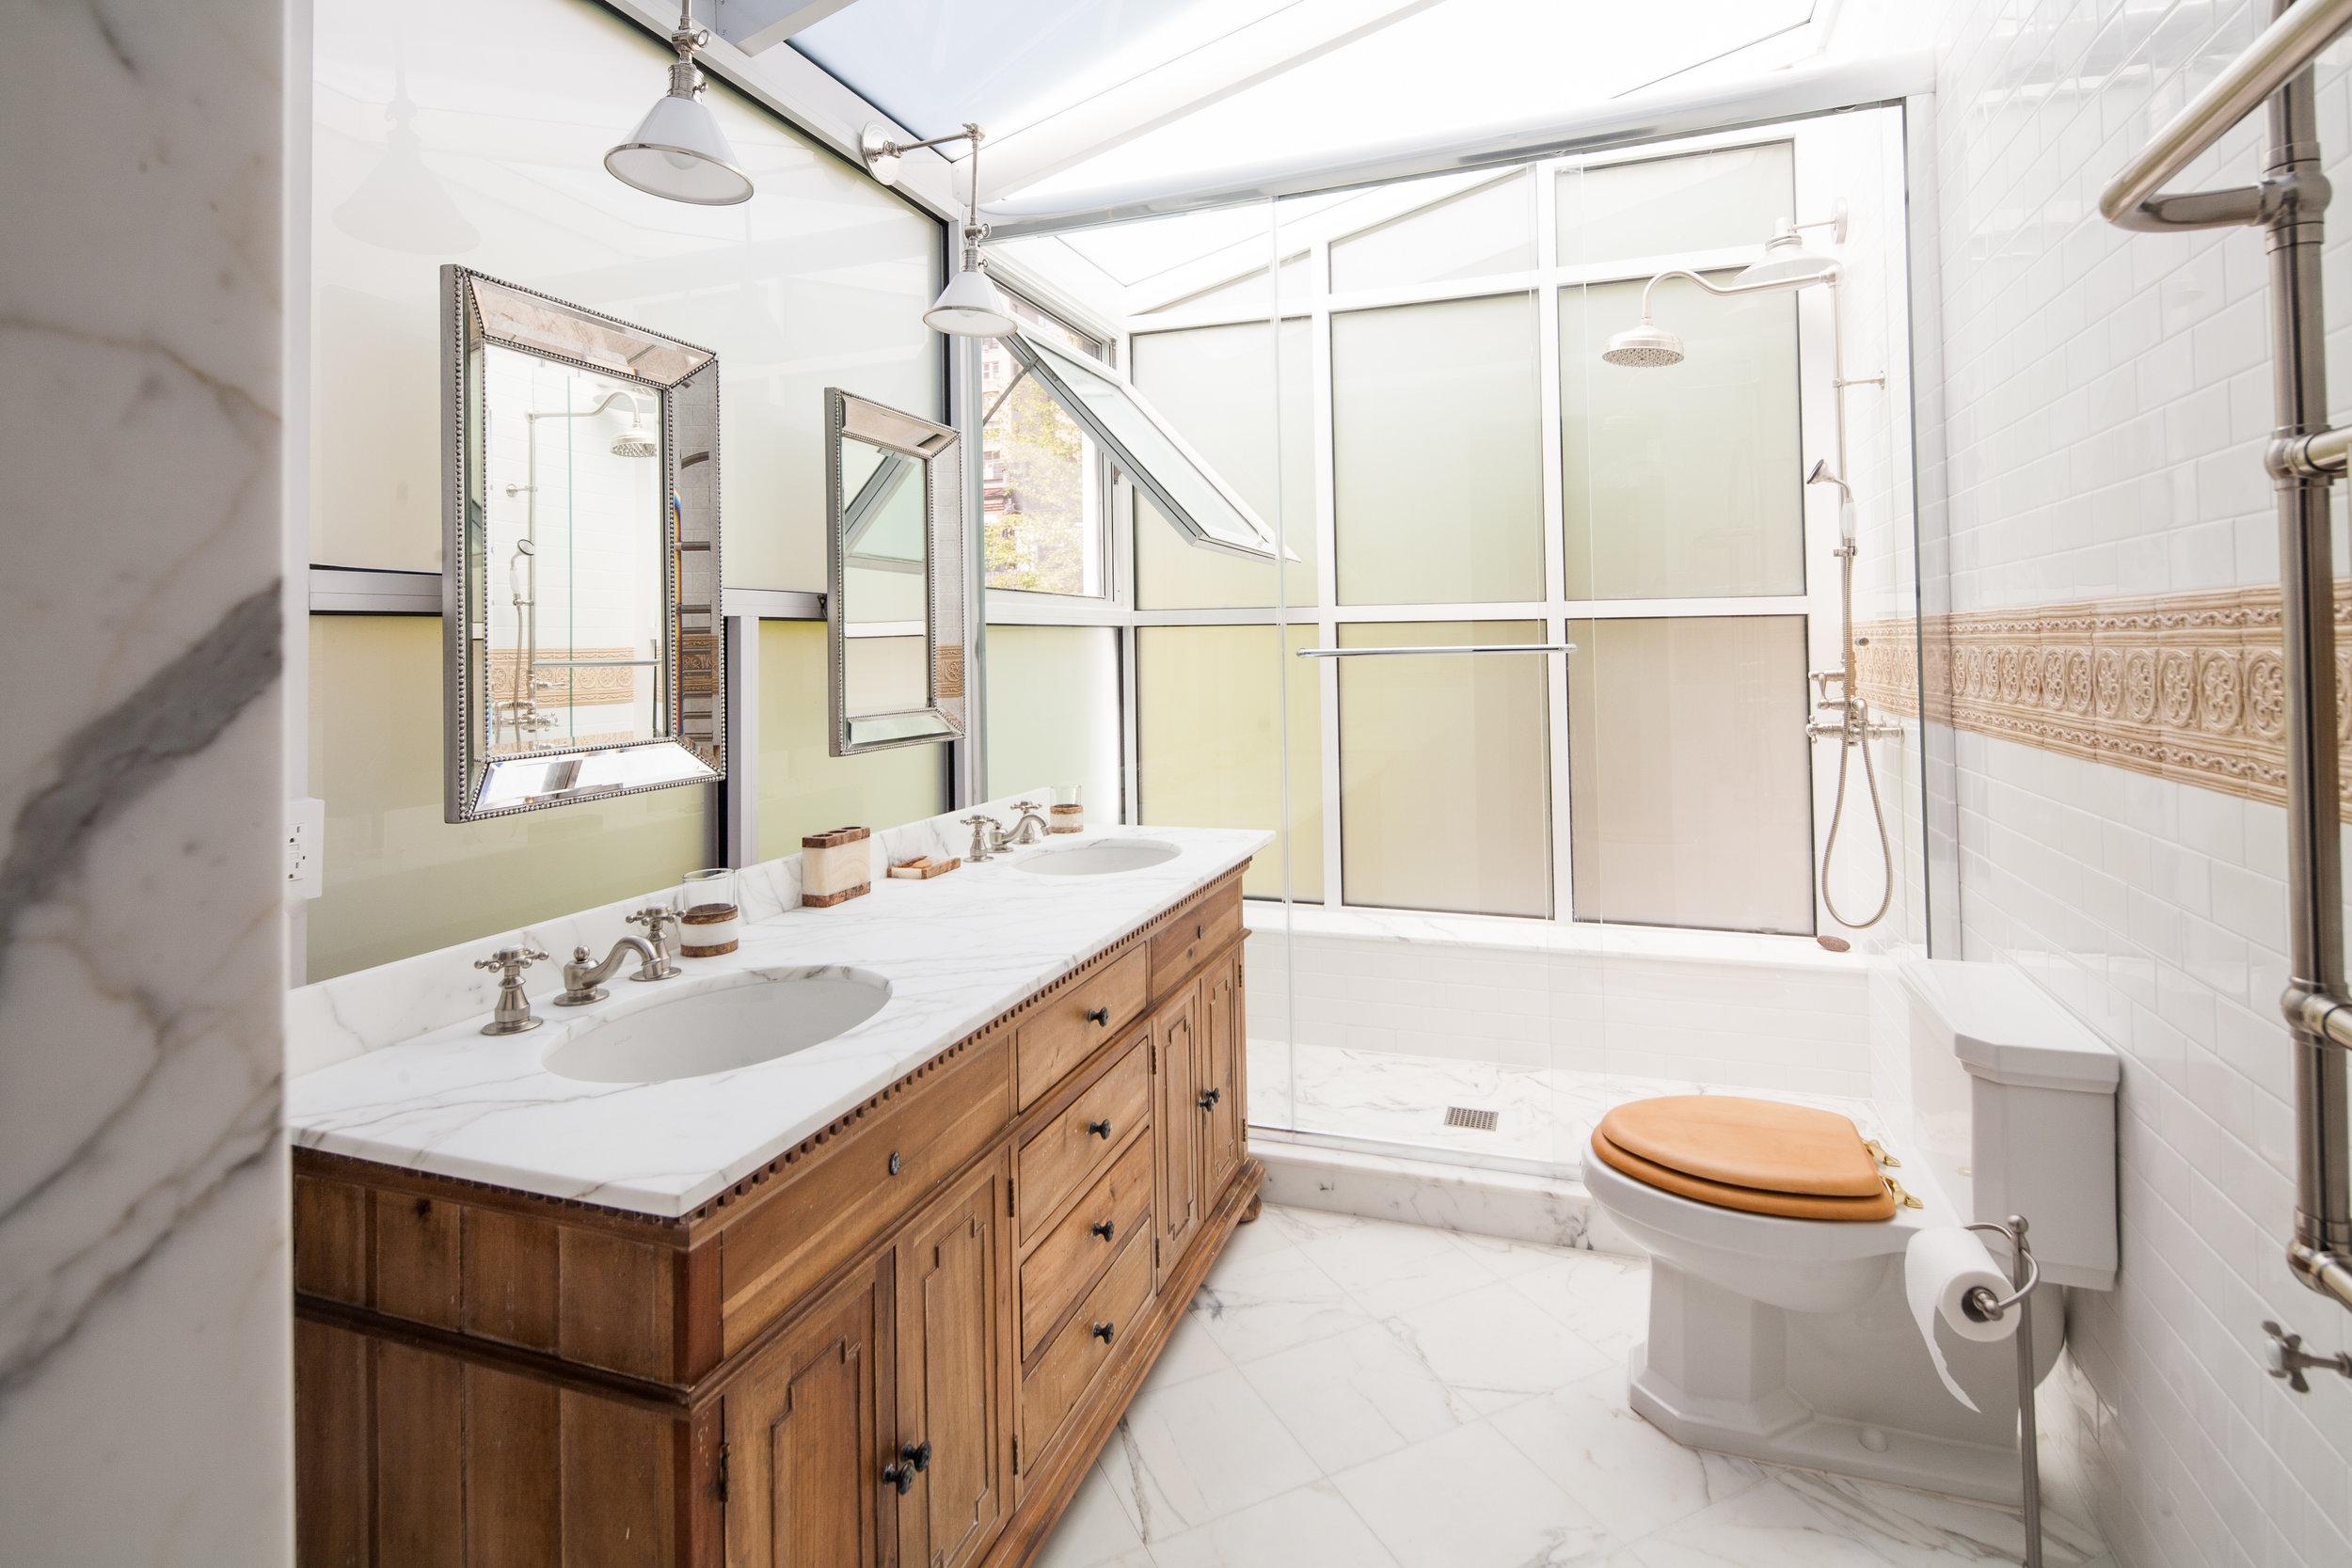 2013-05-07_Crown_Bathroom_Full_24.jpg